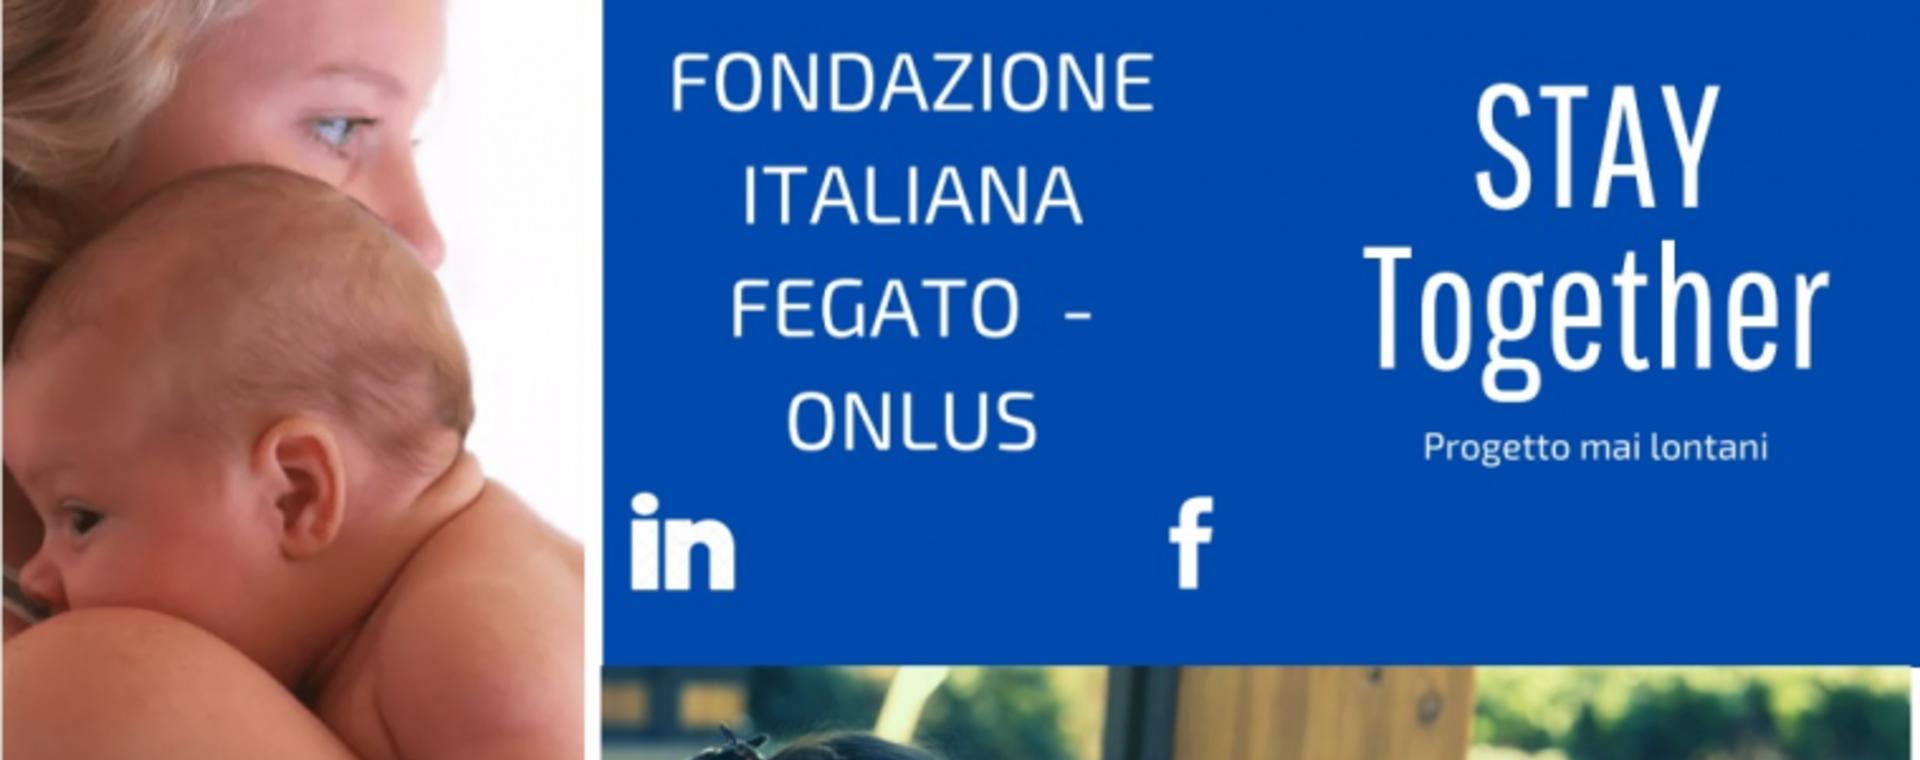 #UNGIORNOPERDONARE: parte la prima raccolta fondi della Fondazione Italiana Fegato Onlus